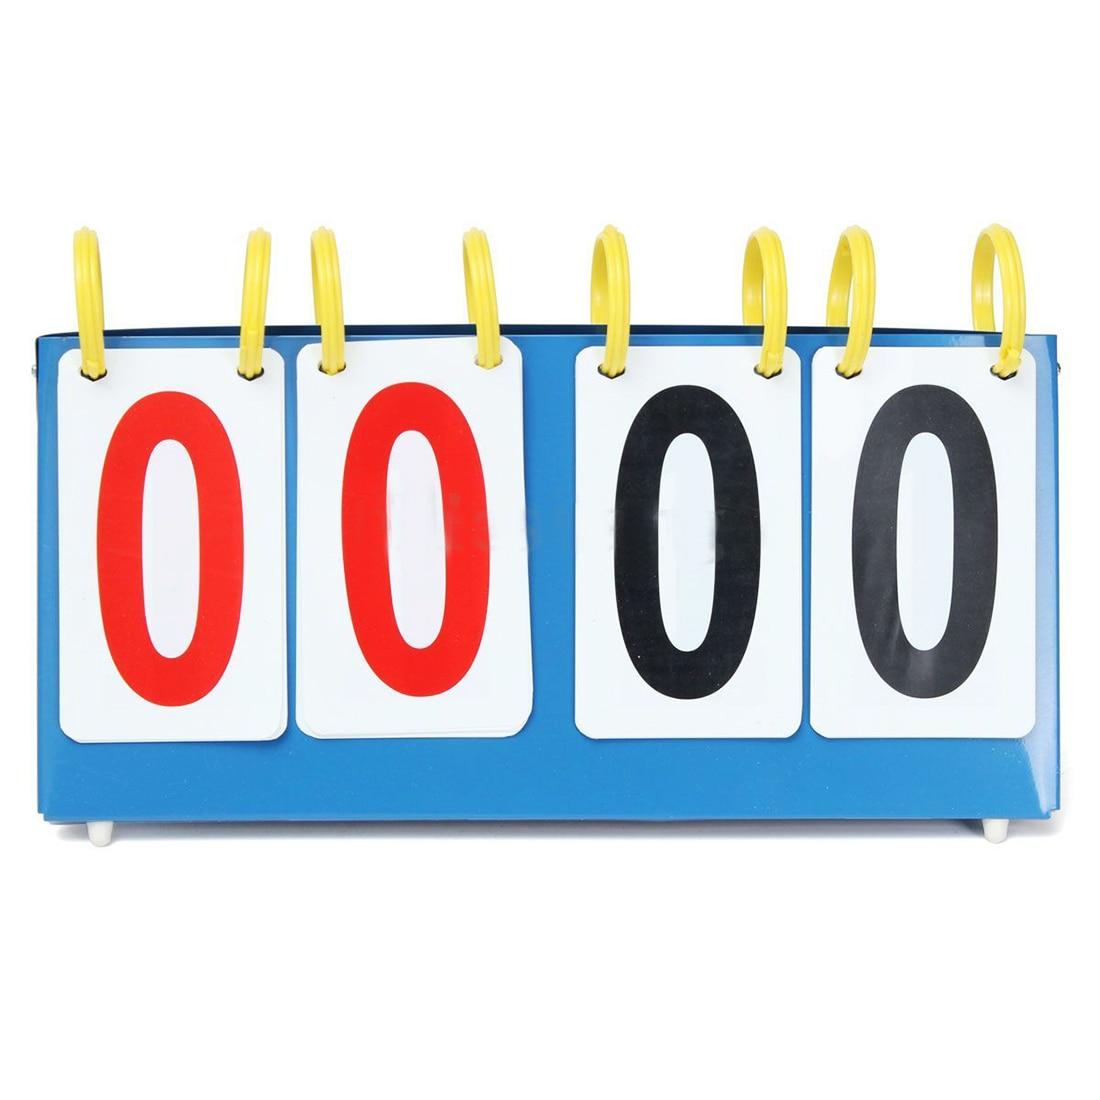 JHO-prenosni štirimestni športni tablici Športna plošča Flip Score Board Basketball Scores Tenis